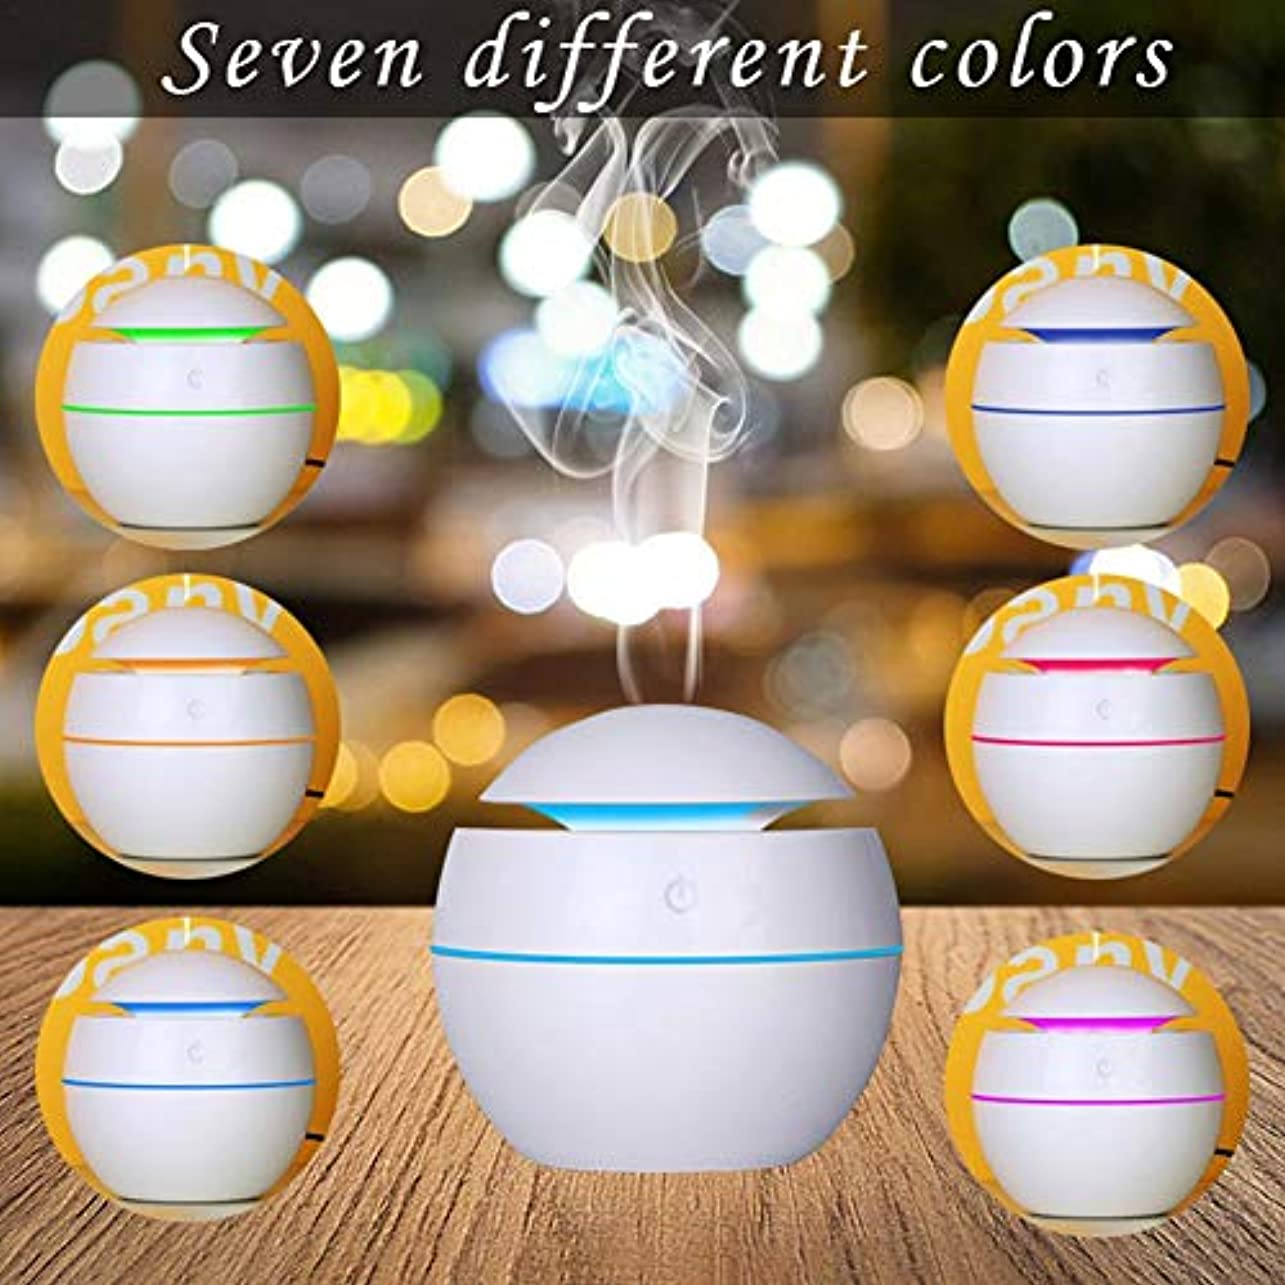 影響する尾クロニクル最新USB七色変換ミニアロマ加湿器 水分補給アロマディフューザー 静音空気浄化機 (カートン)